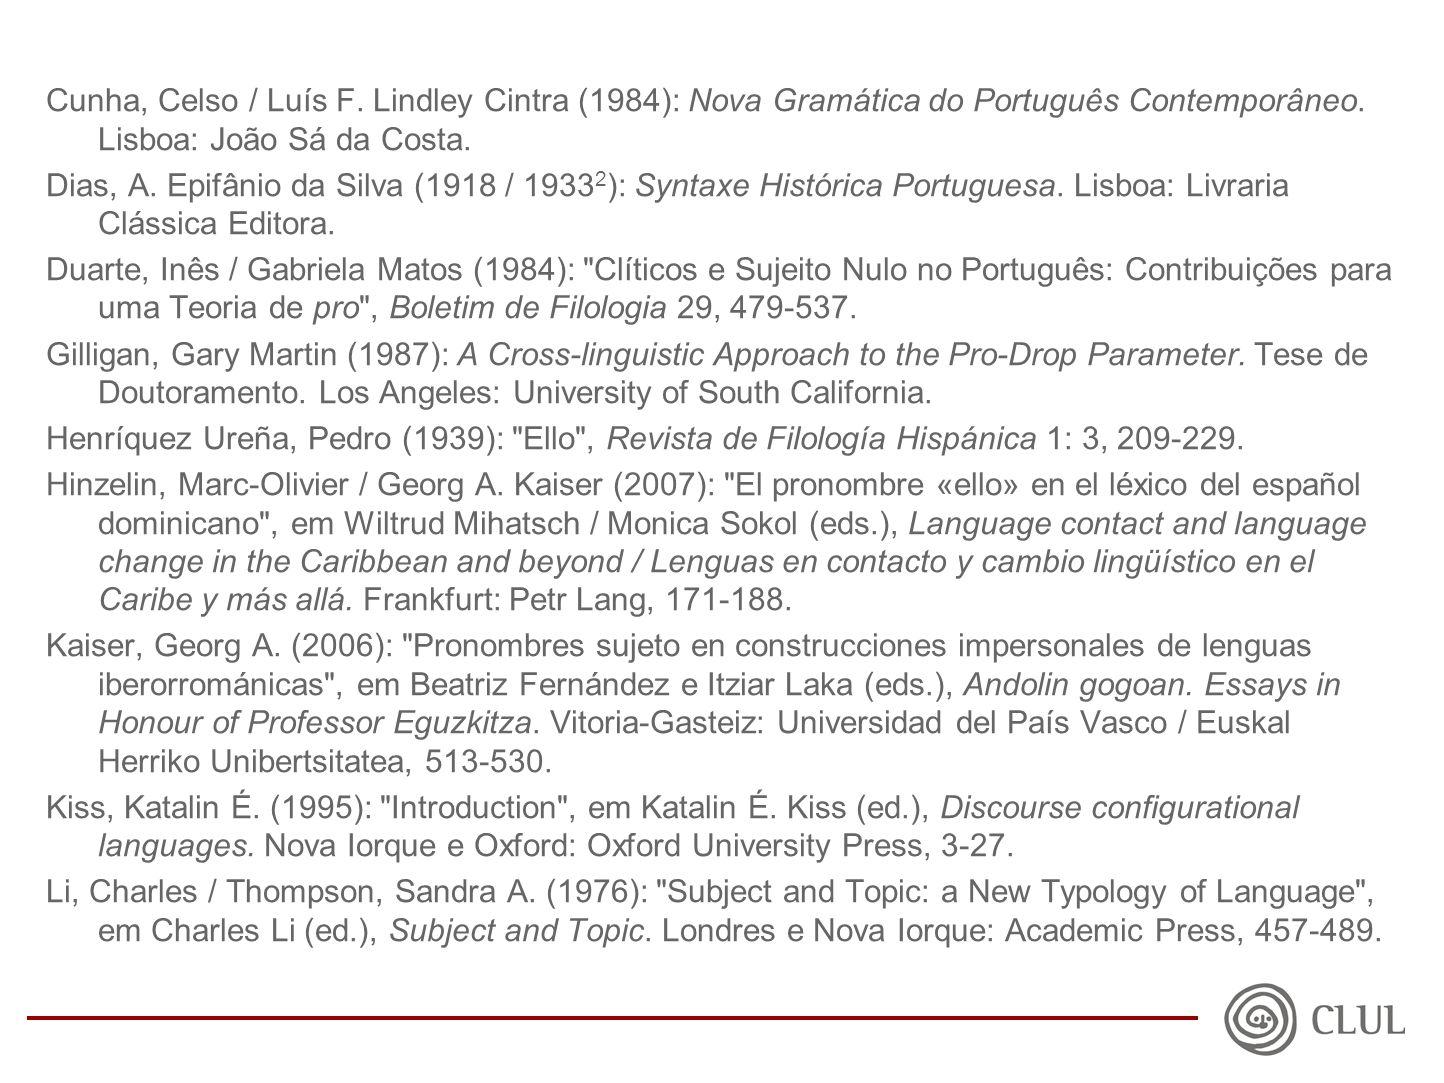 Cunha, Celso / Luís F. Lindley Cintra (1984): Nova Gramática do Português Contemporâneo.